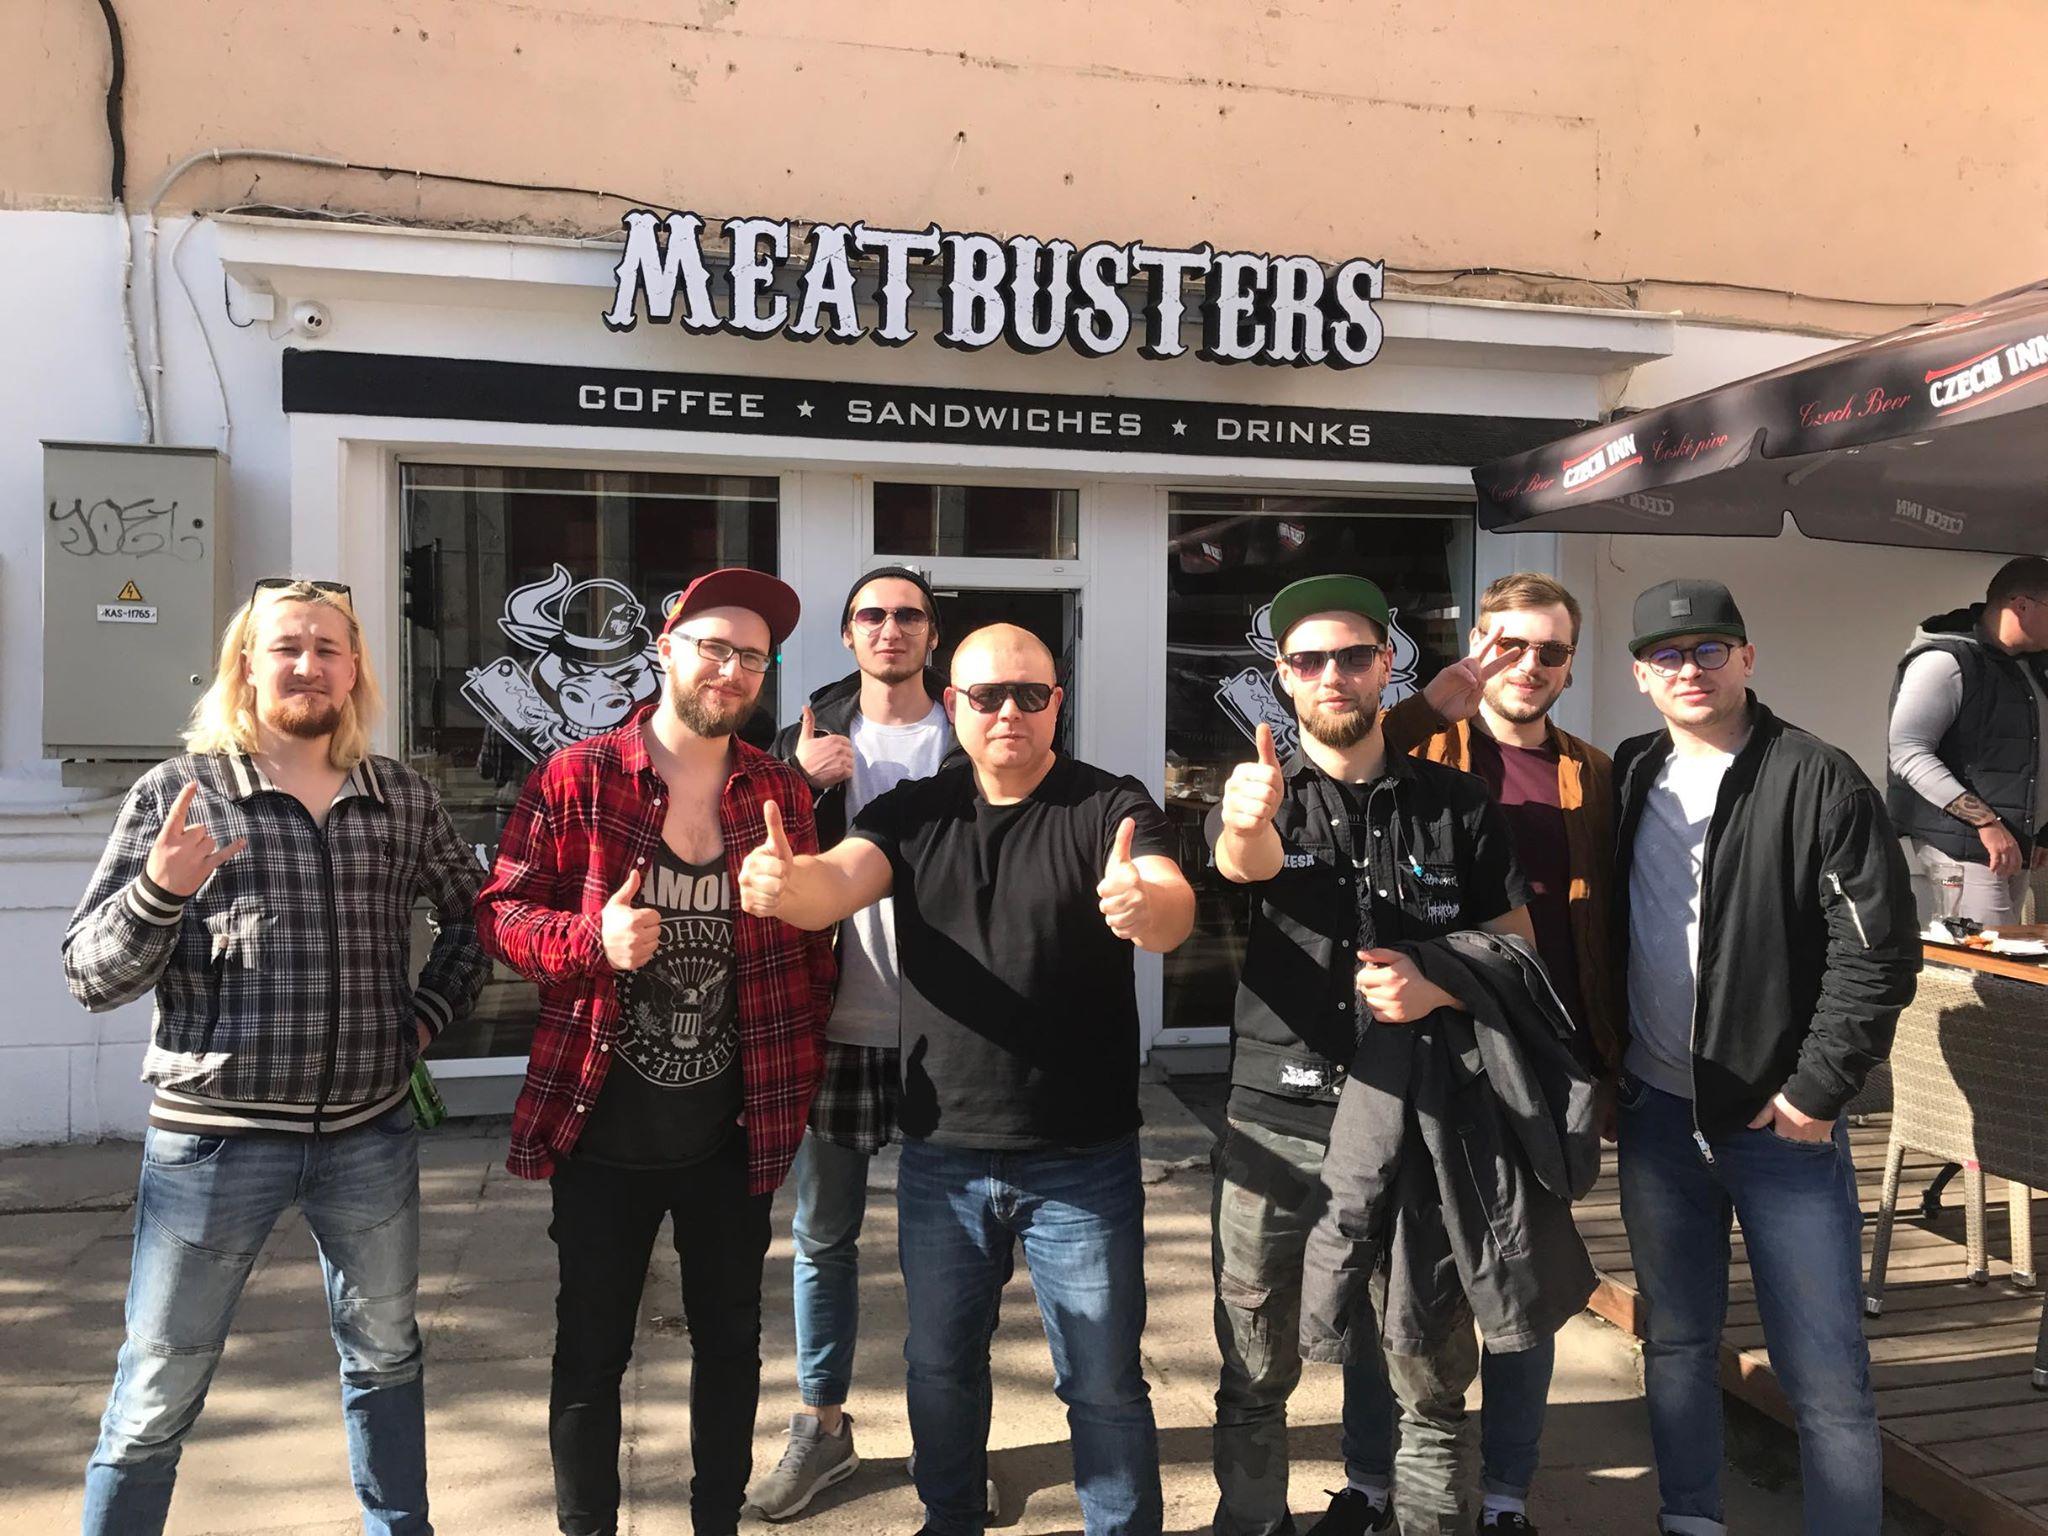 Команда Meatbusters. Фото из архива Максима Худасова